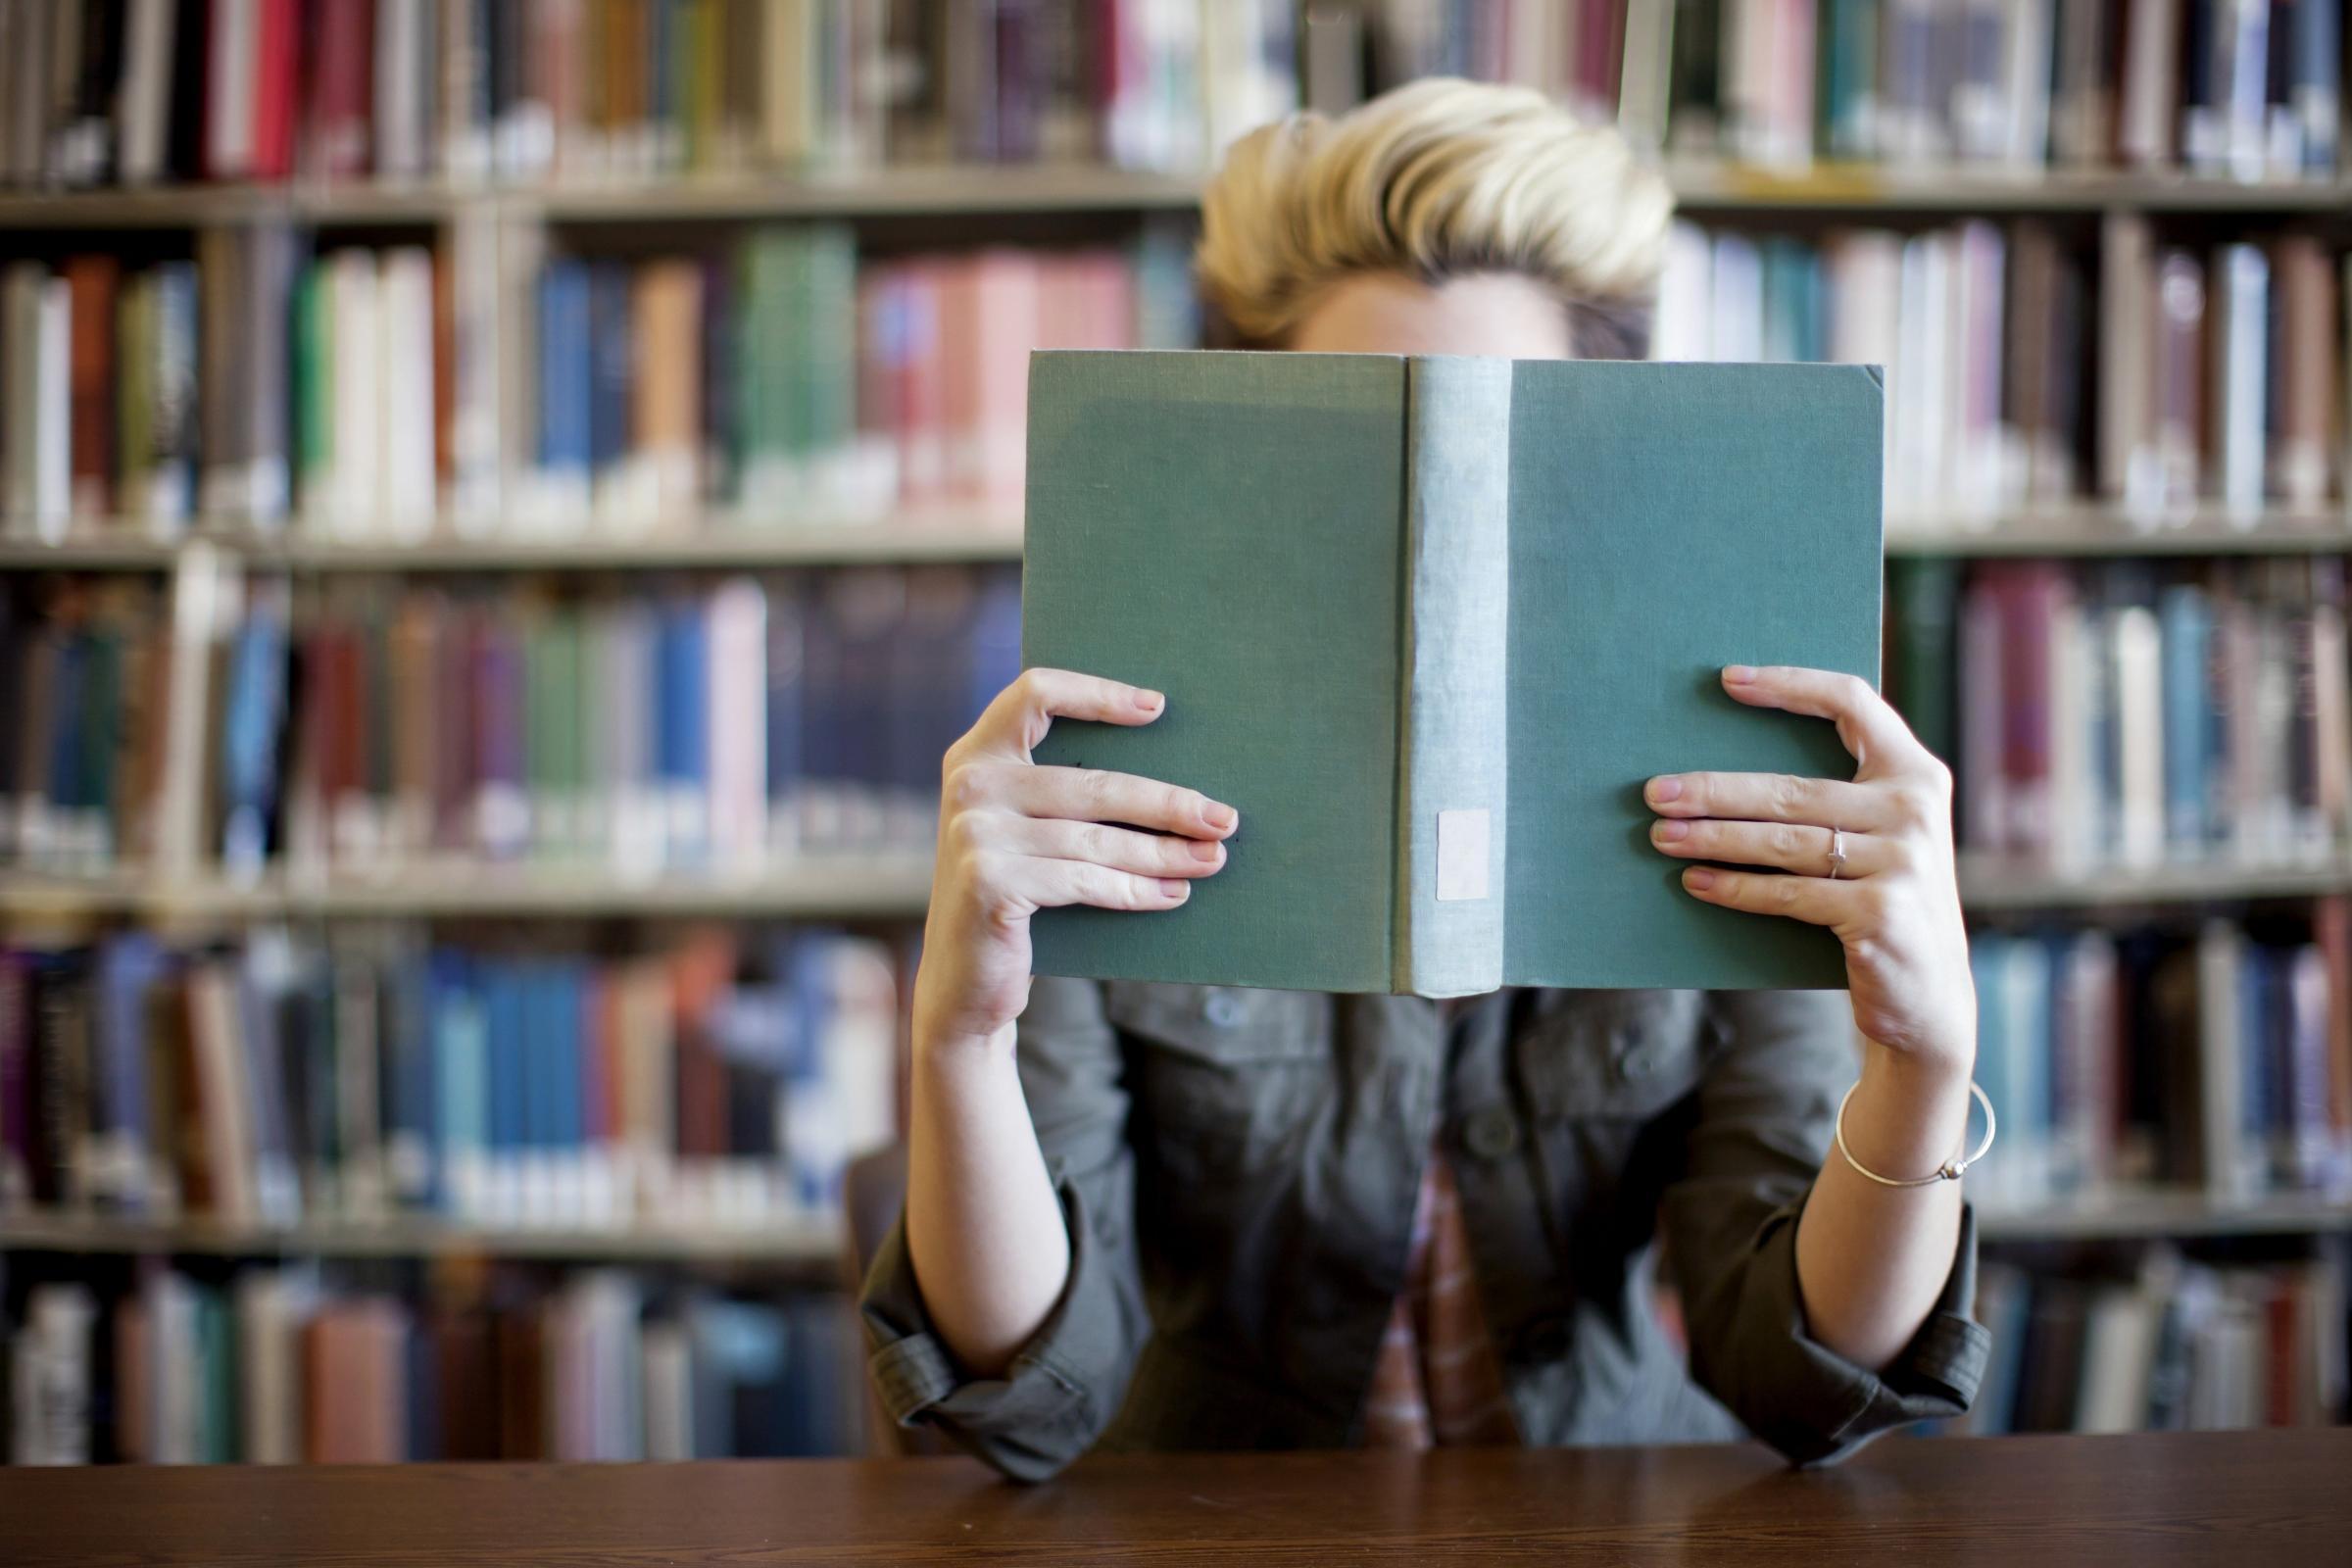 Rak buku kosong saat Natal?  Apapun selanjutnya!  Rosemary Goring